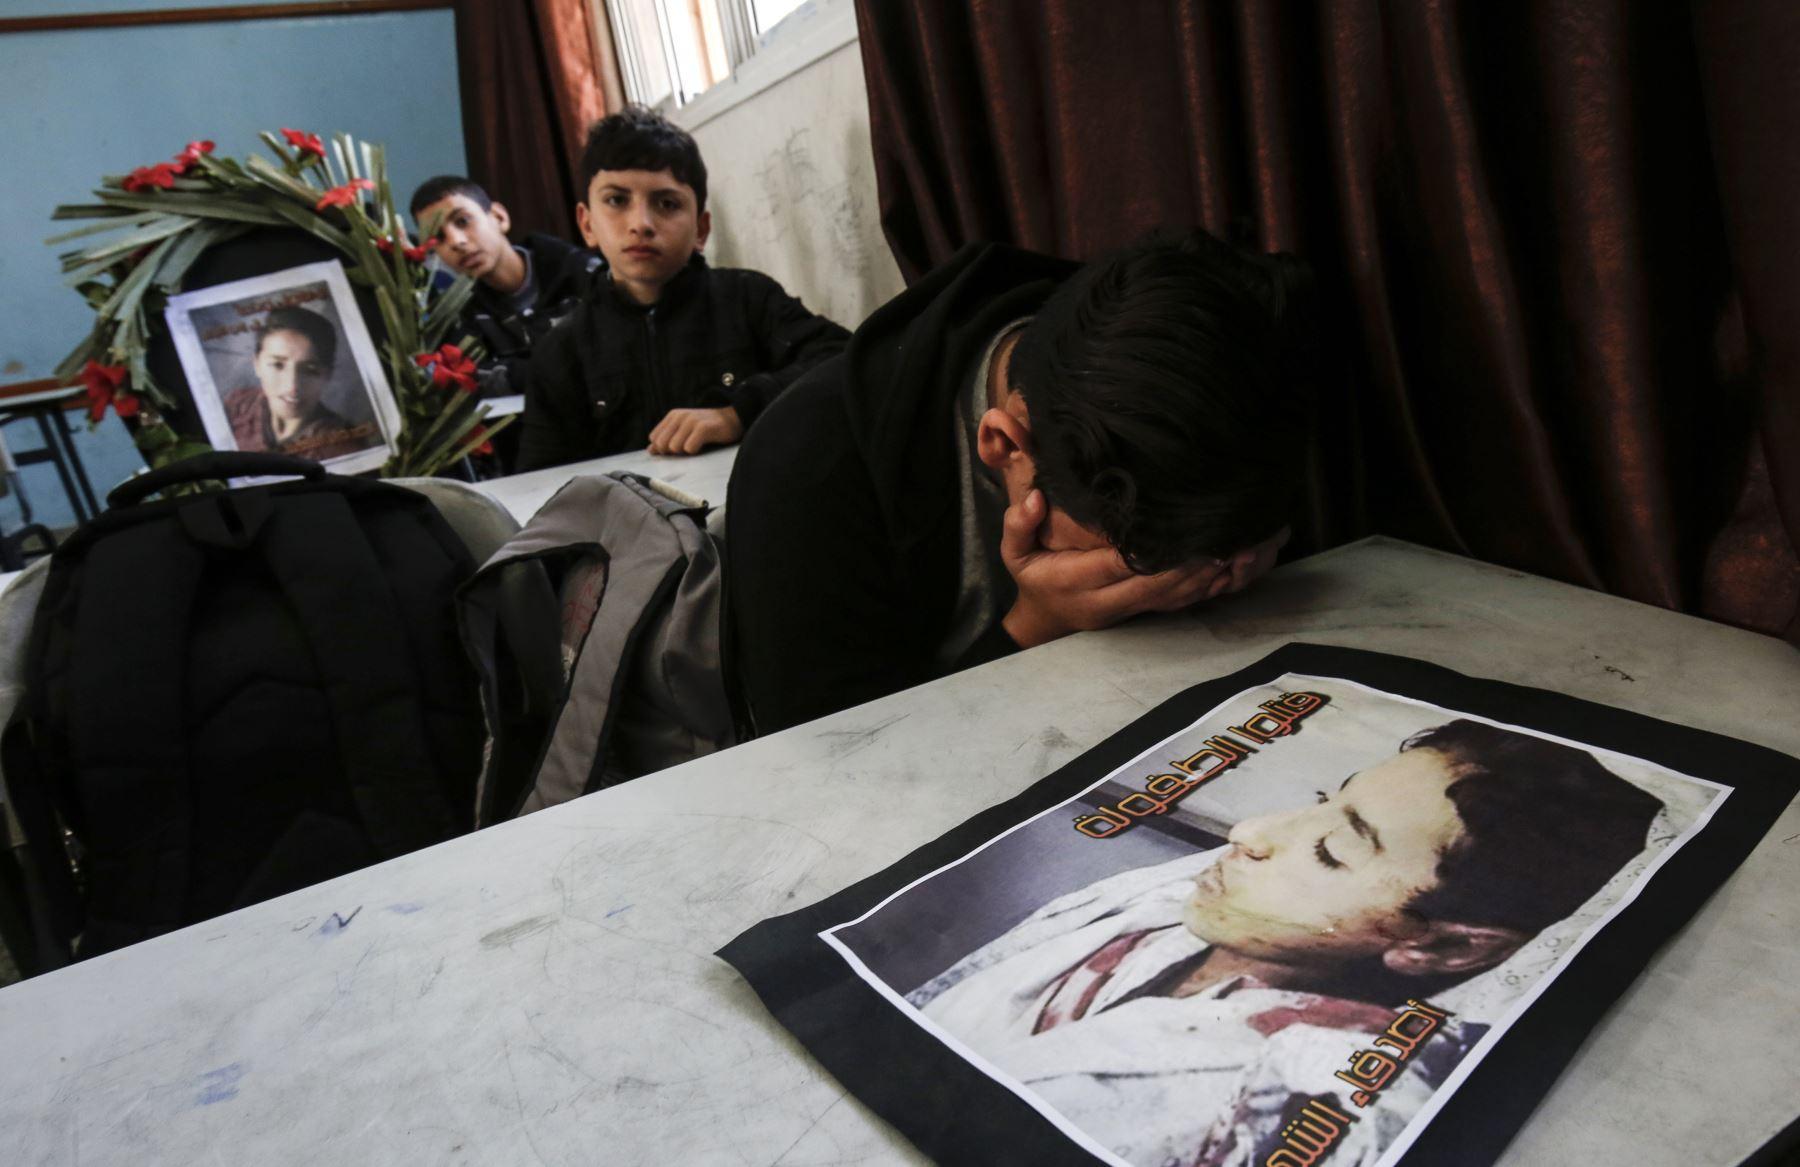 """Los compañeros de clase de Hassan Shalabi, de 14 años, lloran su muerte en su escuela en Khan Yunis, en el sur de la Franja de Gaza, . Dos adolescentes palestinos fueron asesinados por fuego israelí ayer, durante los enfrentamientos en la frontera de Gaza, el Ministerio de Salud de El enclave dirigido por Hamas dijo. Shalabi, fue asesinado por """"fuego vivo en el cofre al este de Khan Yunis"""", dijo el ministerio. AFP"""